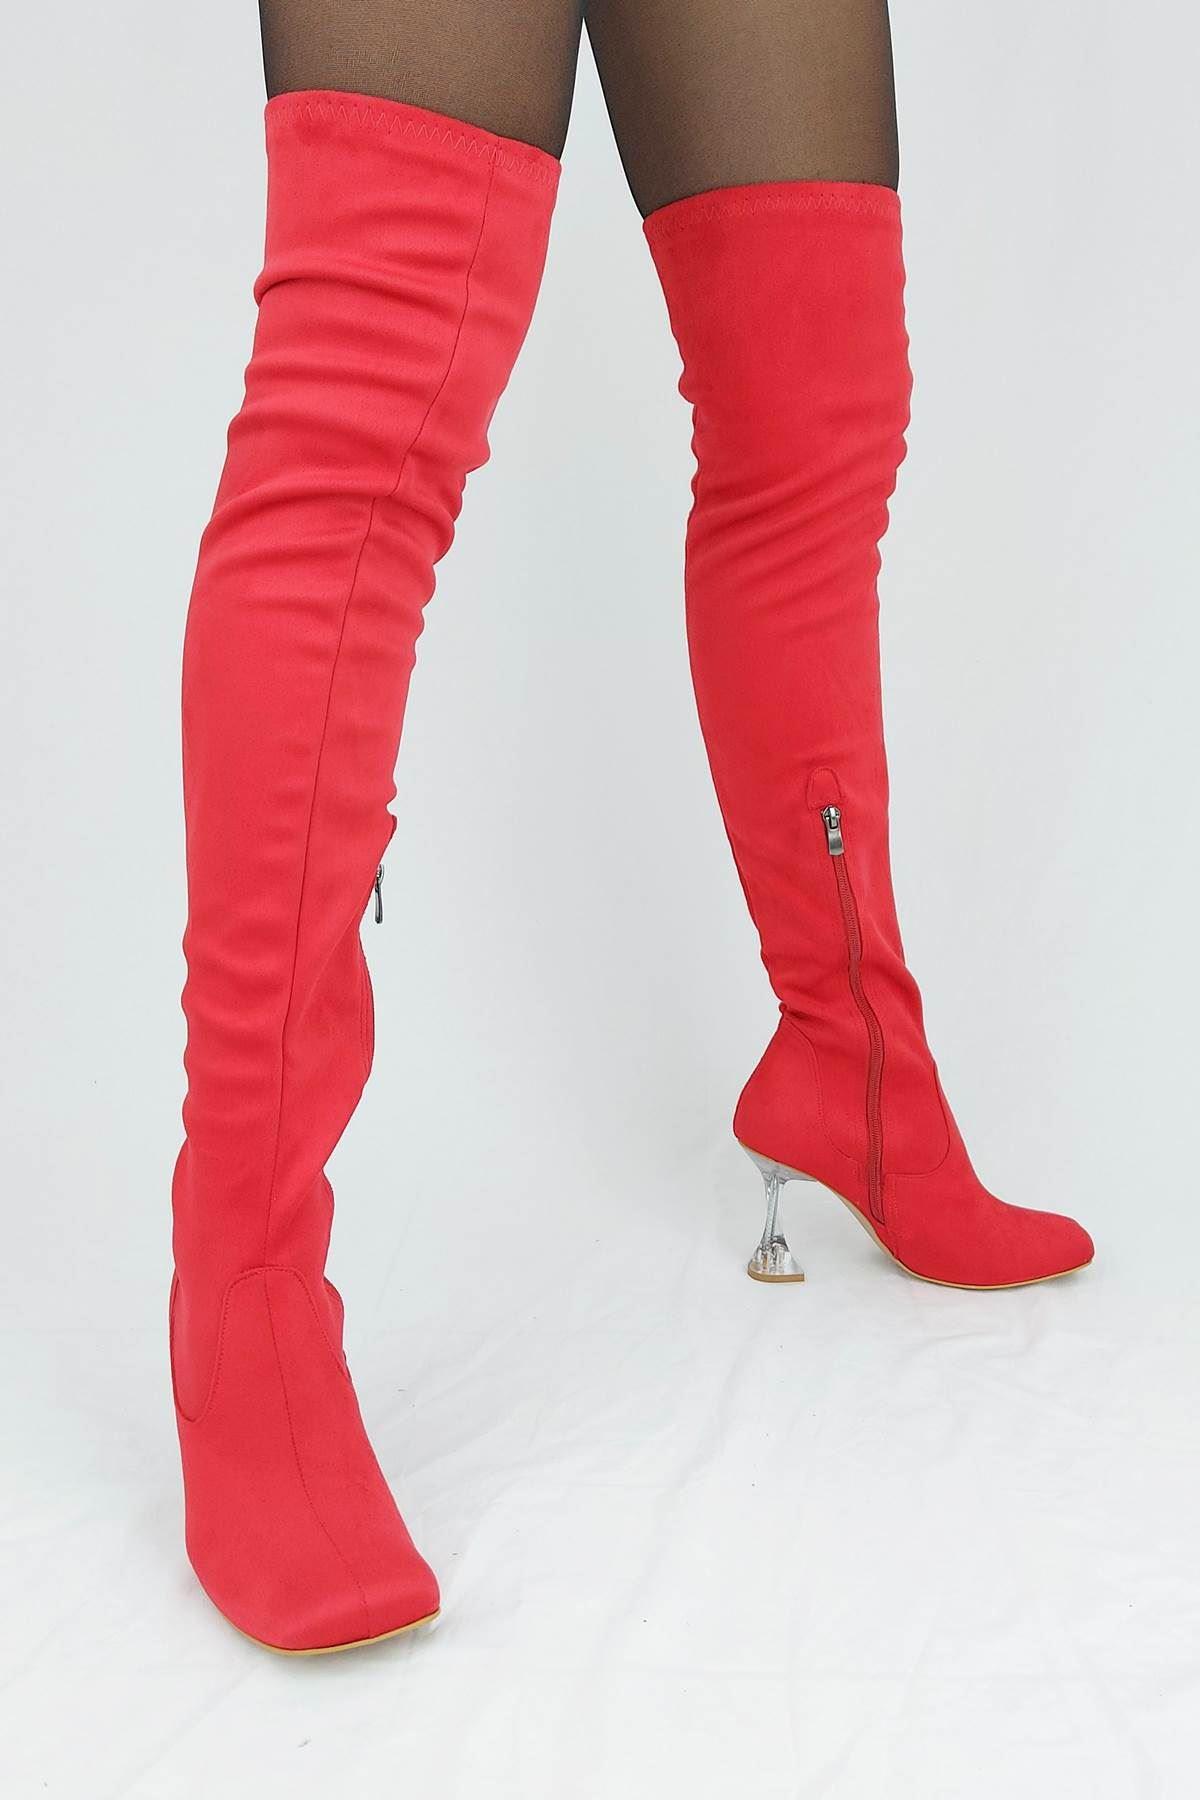 İvan Kırmızı Süet Fashion Topuklu Diz Üstü Çizme